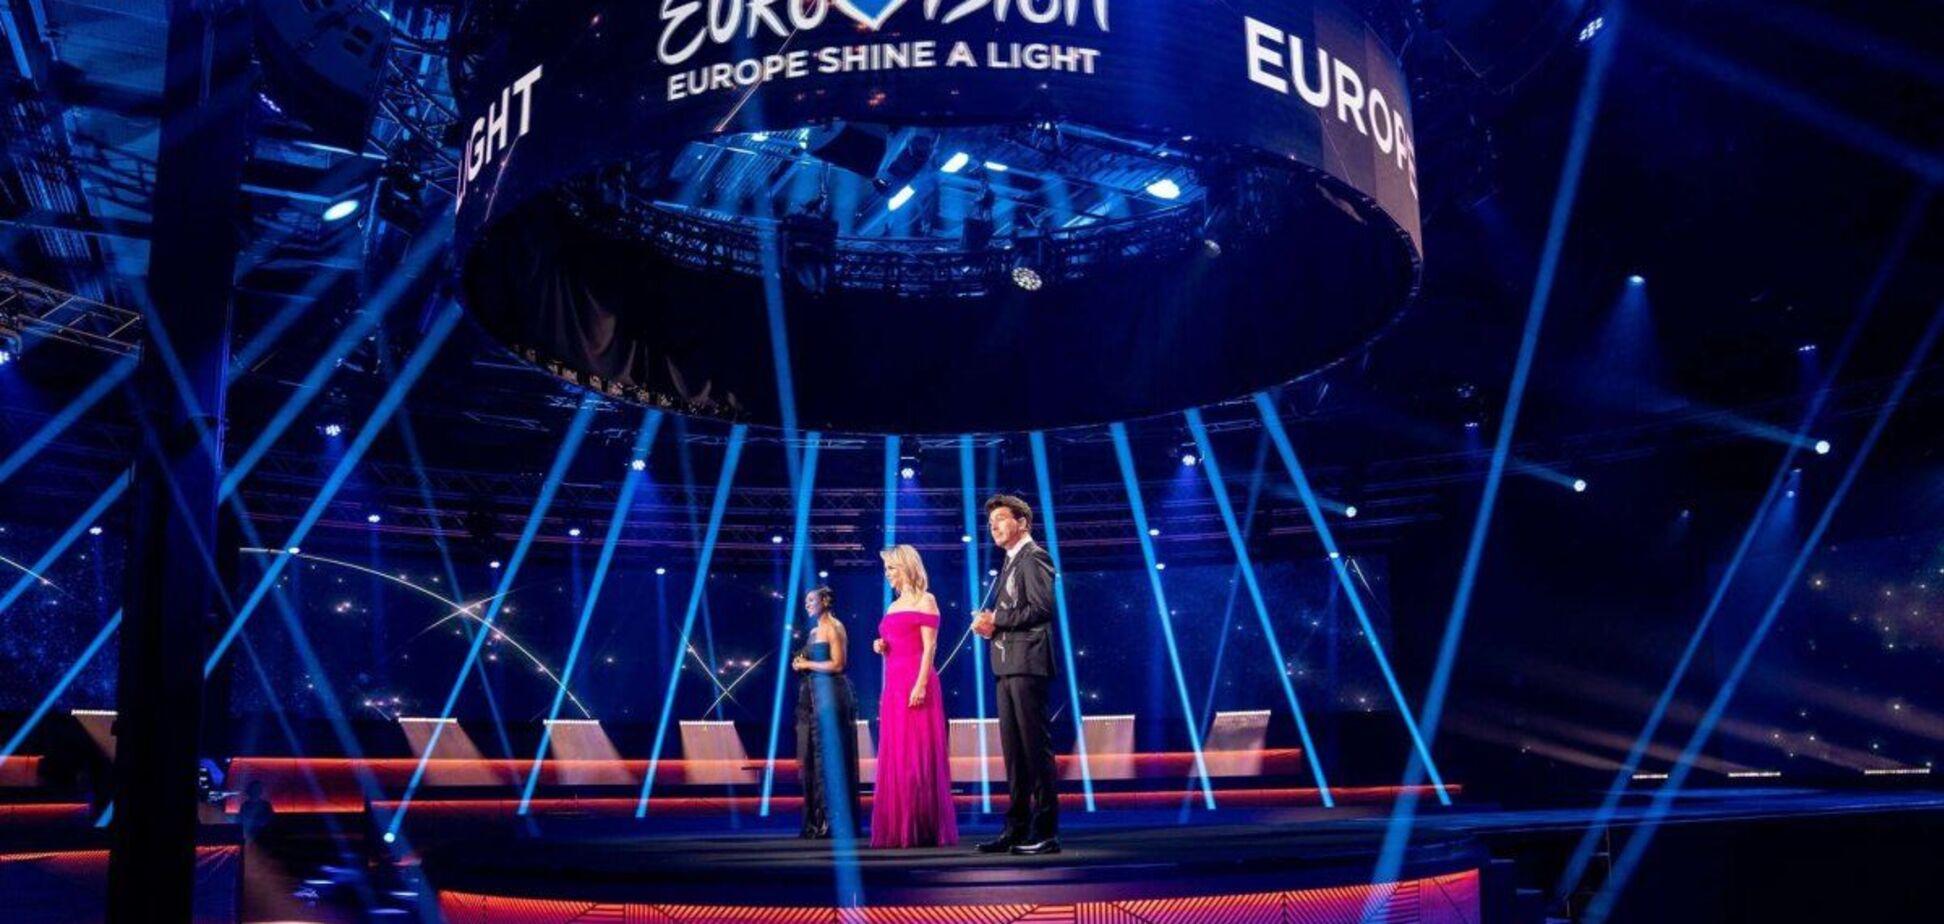 Евровидение 2021: как будут выступать артисты в случае закрытия границ